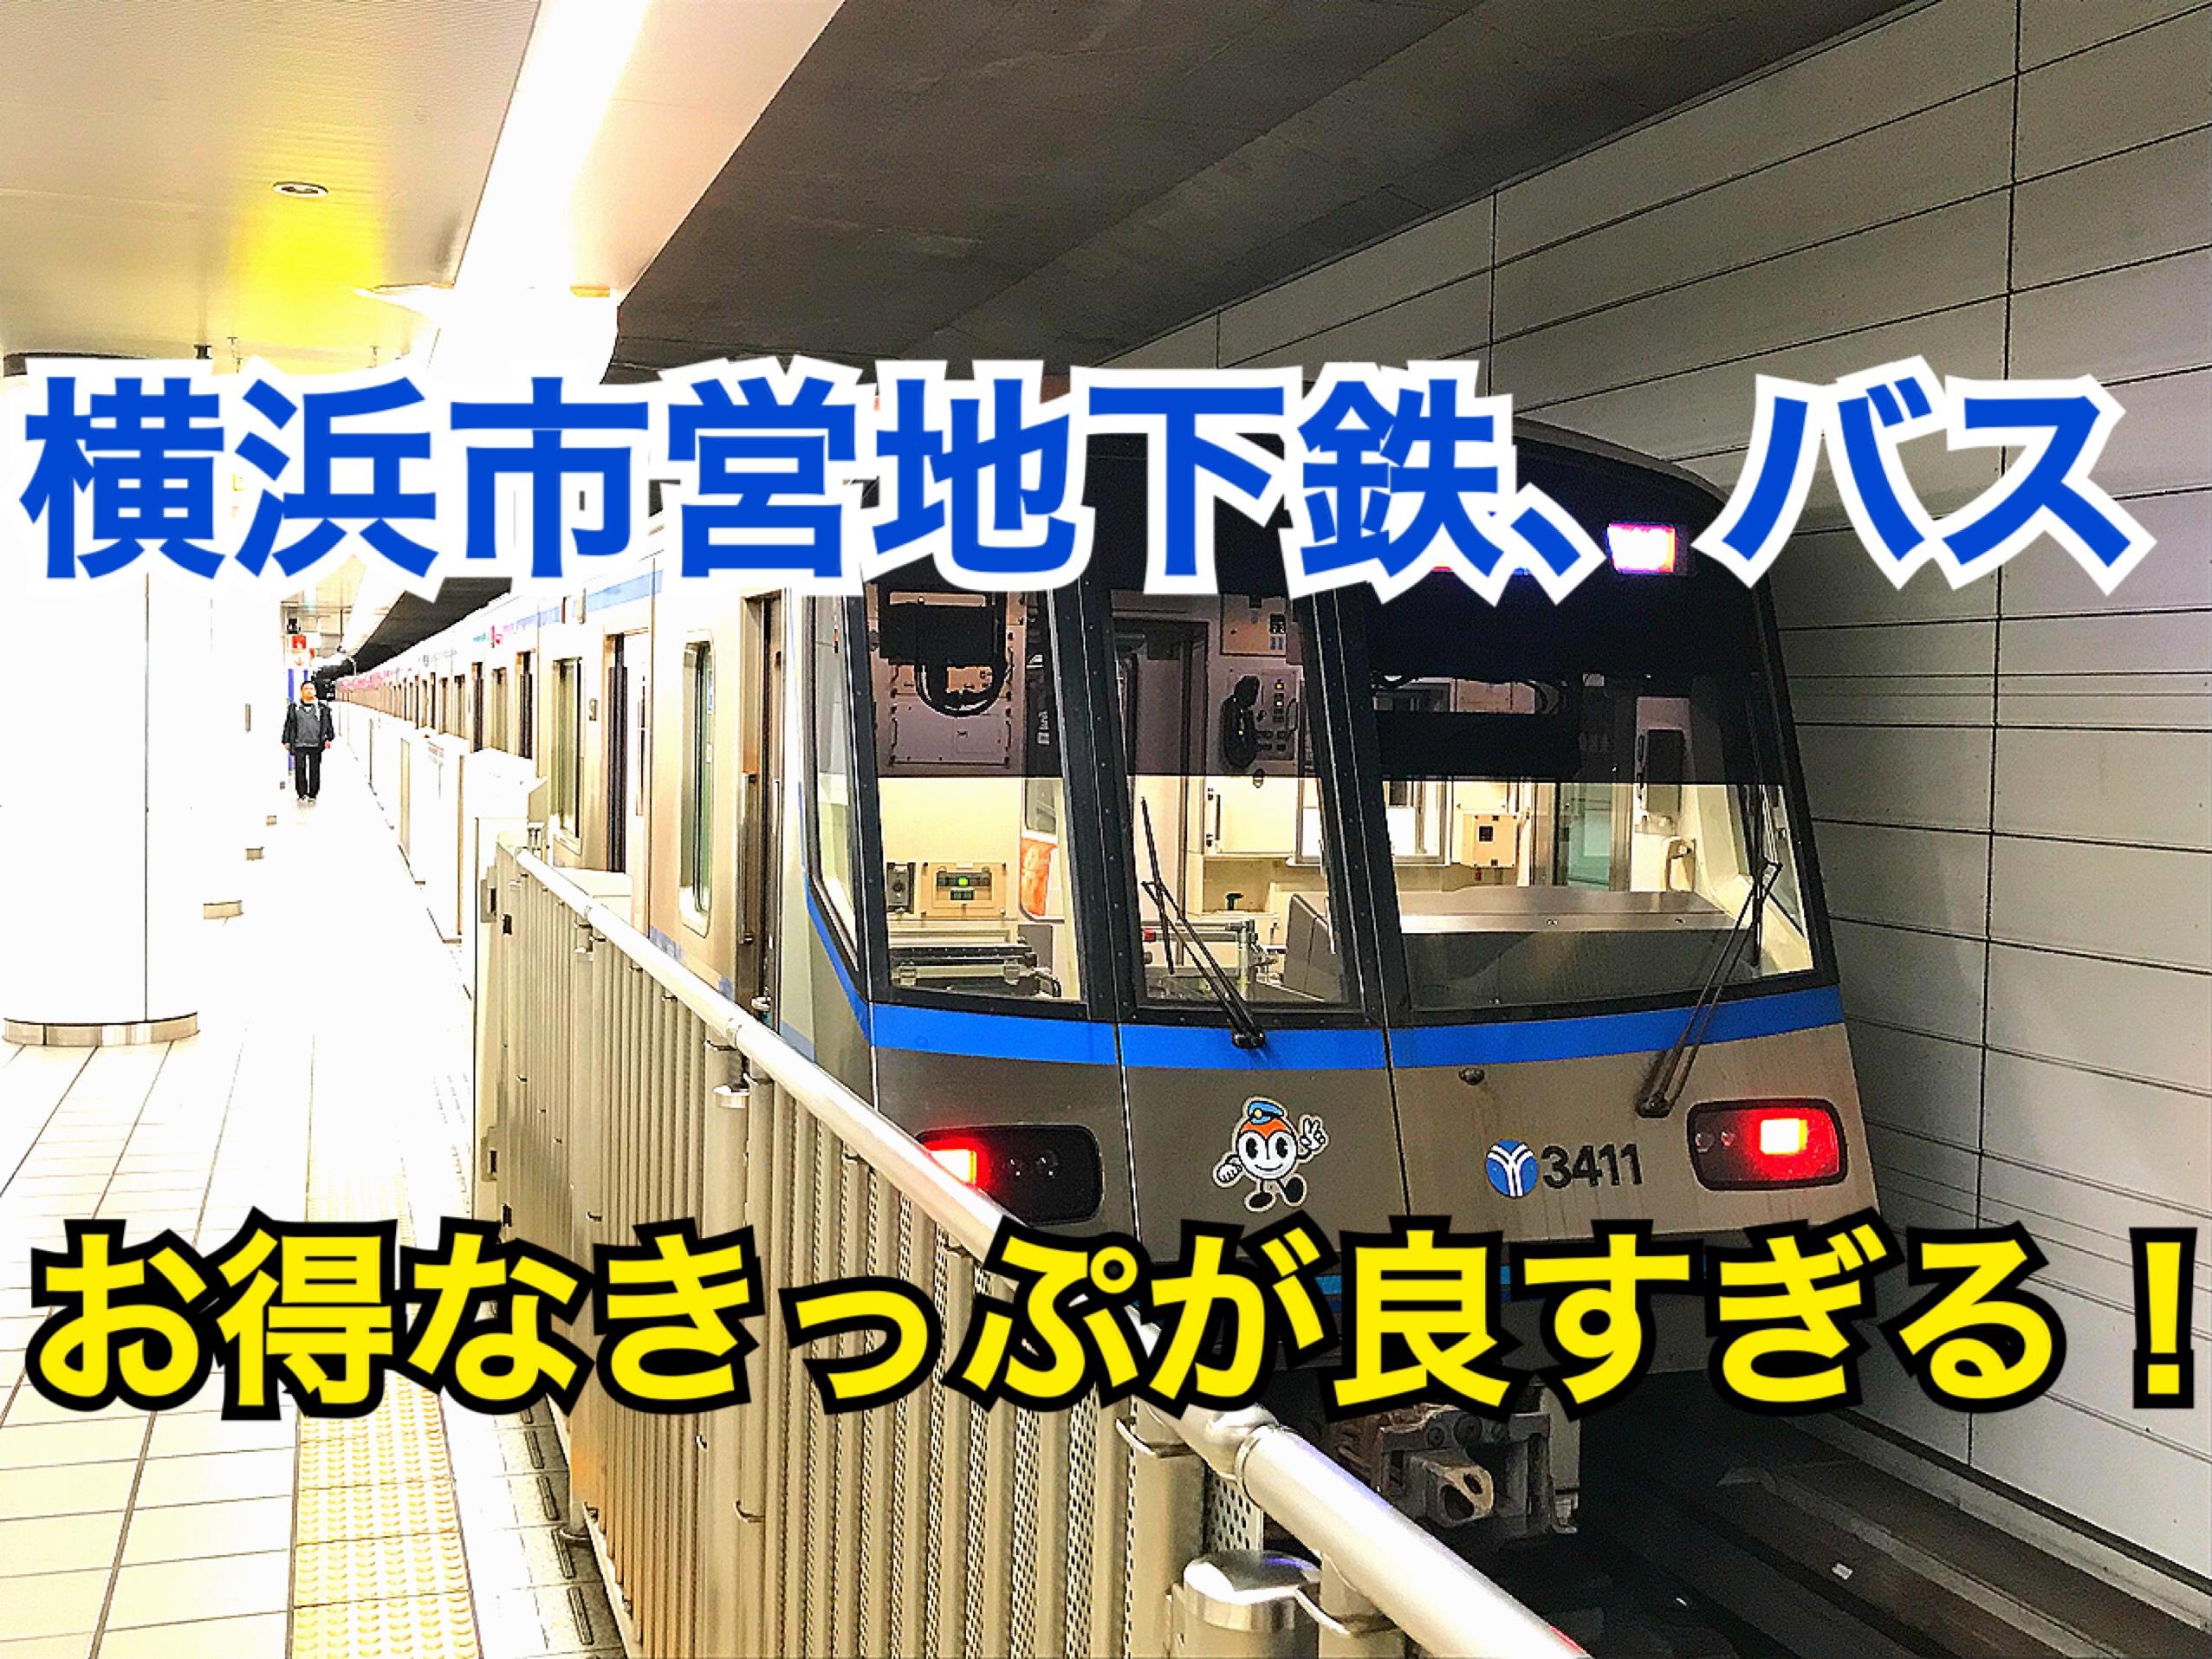 横浜市営地下鉄、横浜市営バスのお得なきっぷが良すぎる!横浜市交通局を便利に使って横浜観光をお得に!